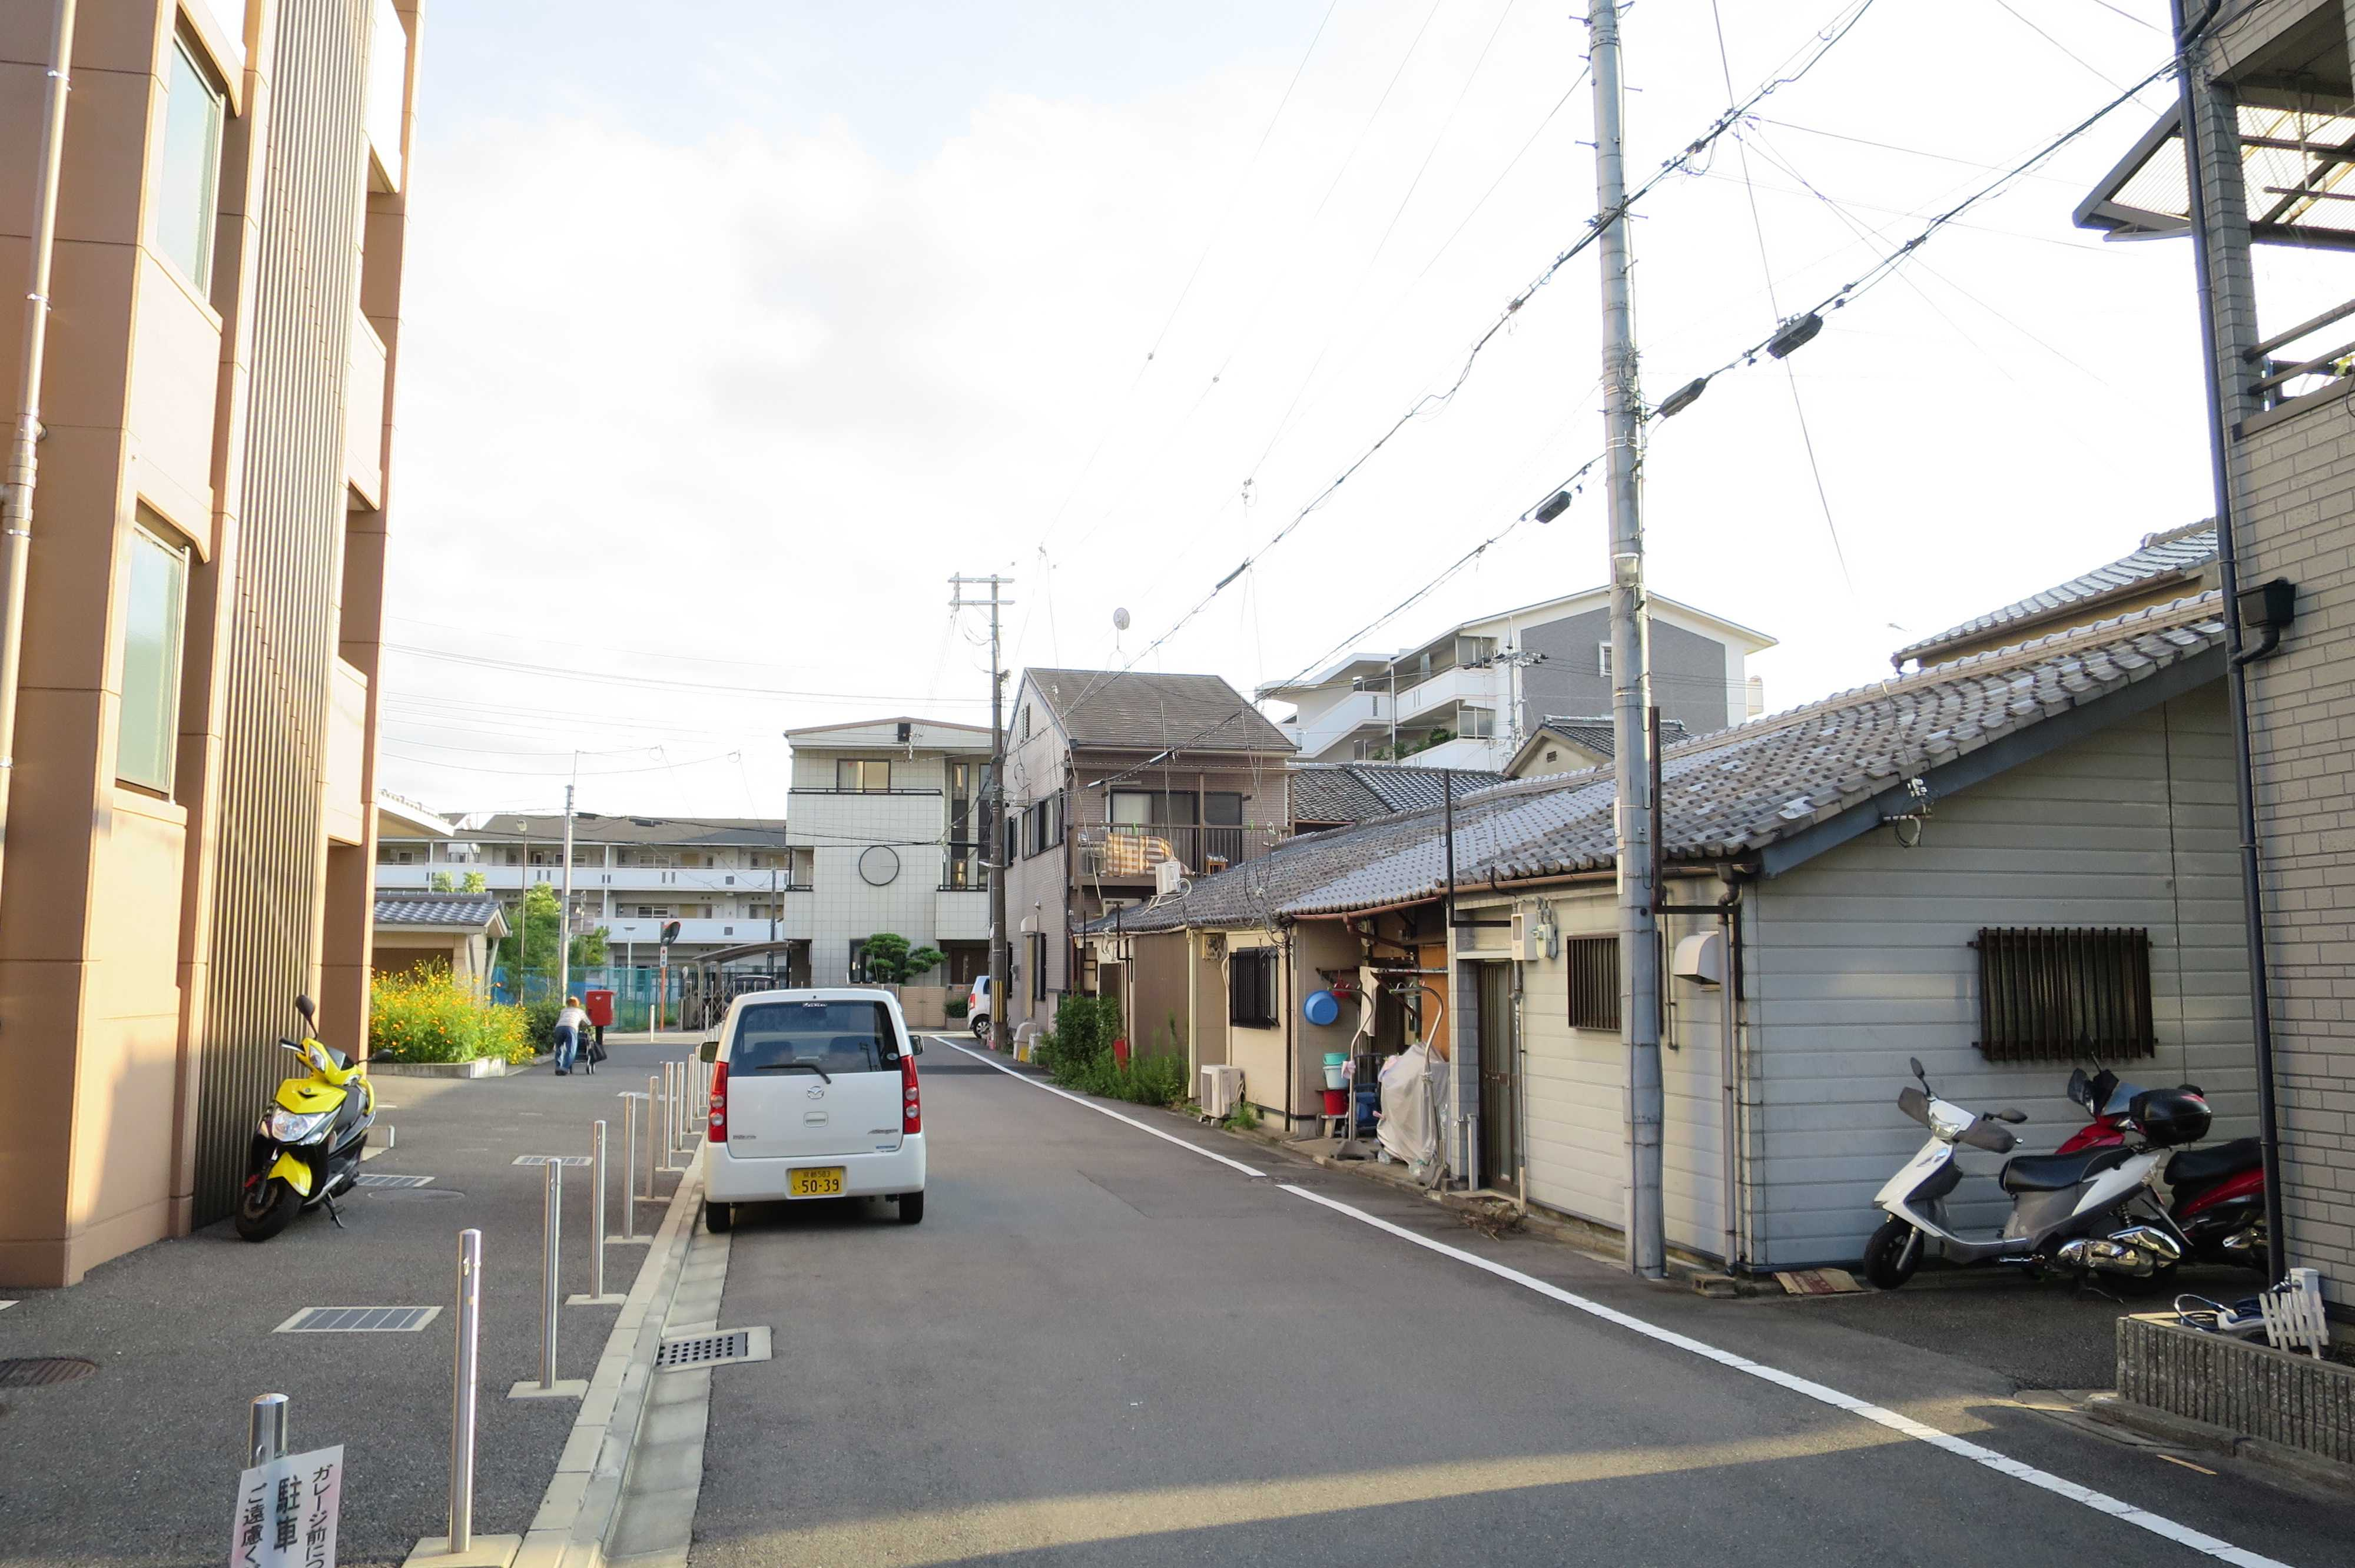 京都・崇仁地区 - 街並み